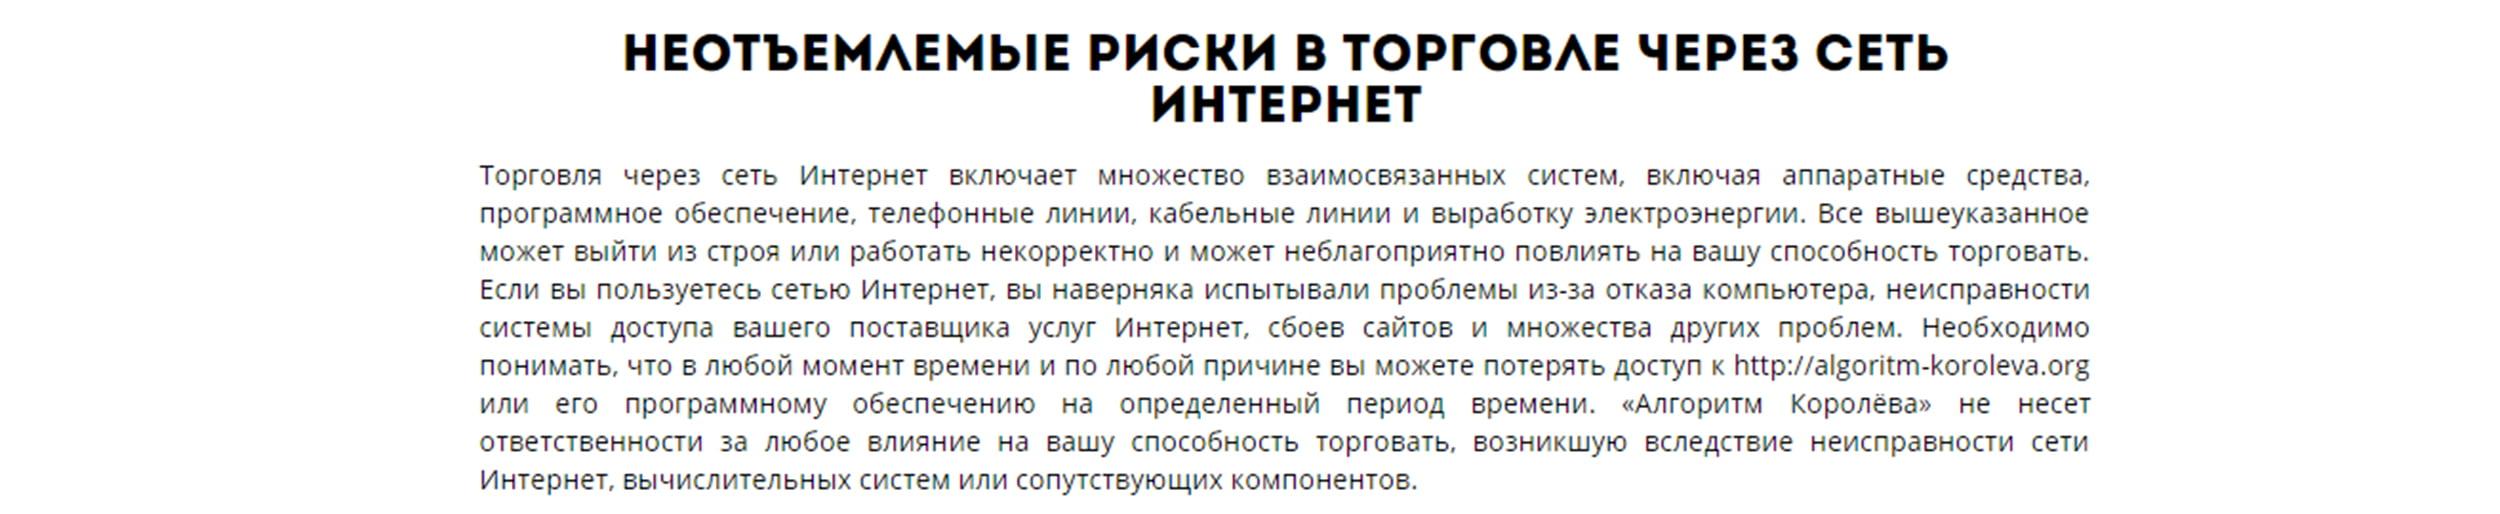 Брокер бинарных опционов opteck com-19